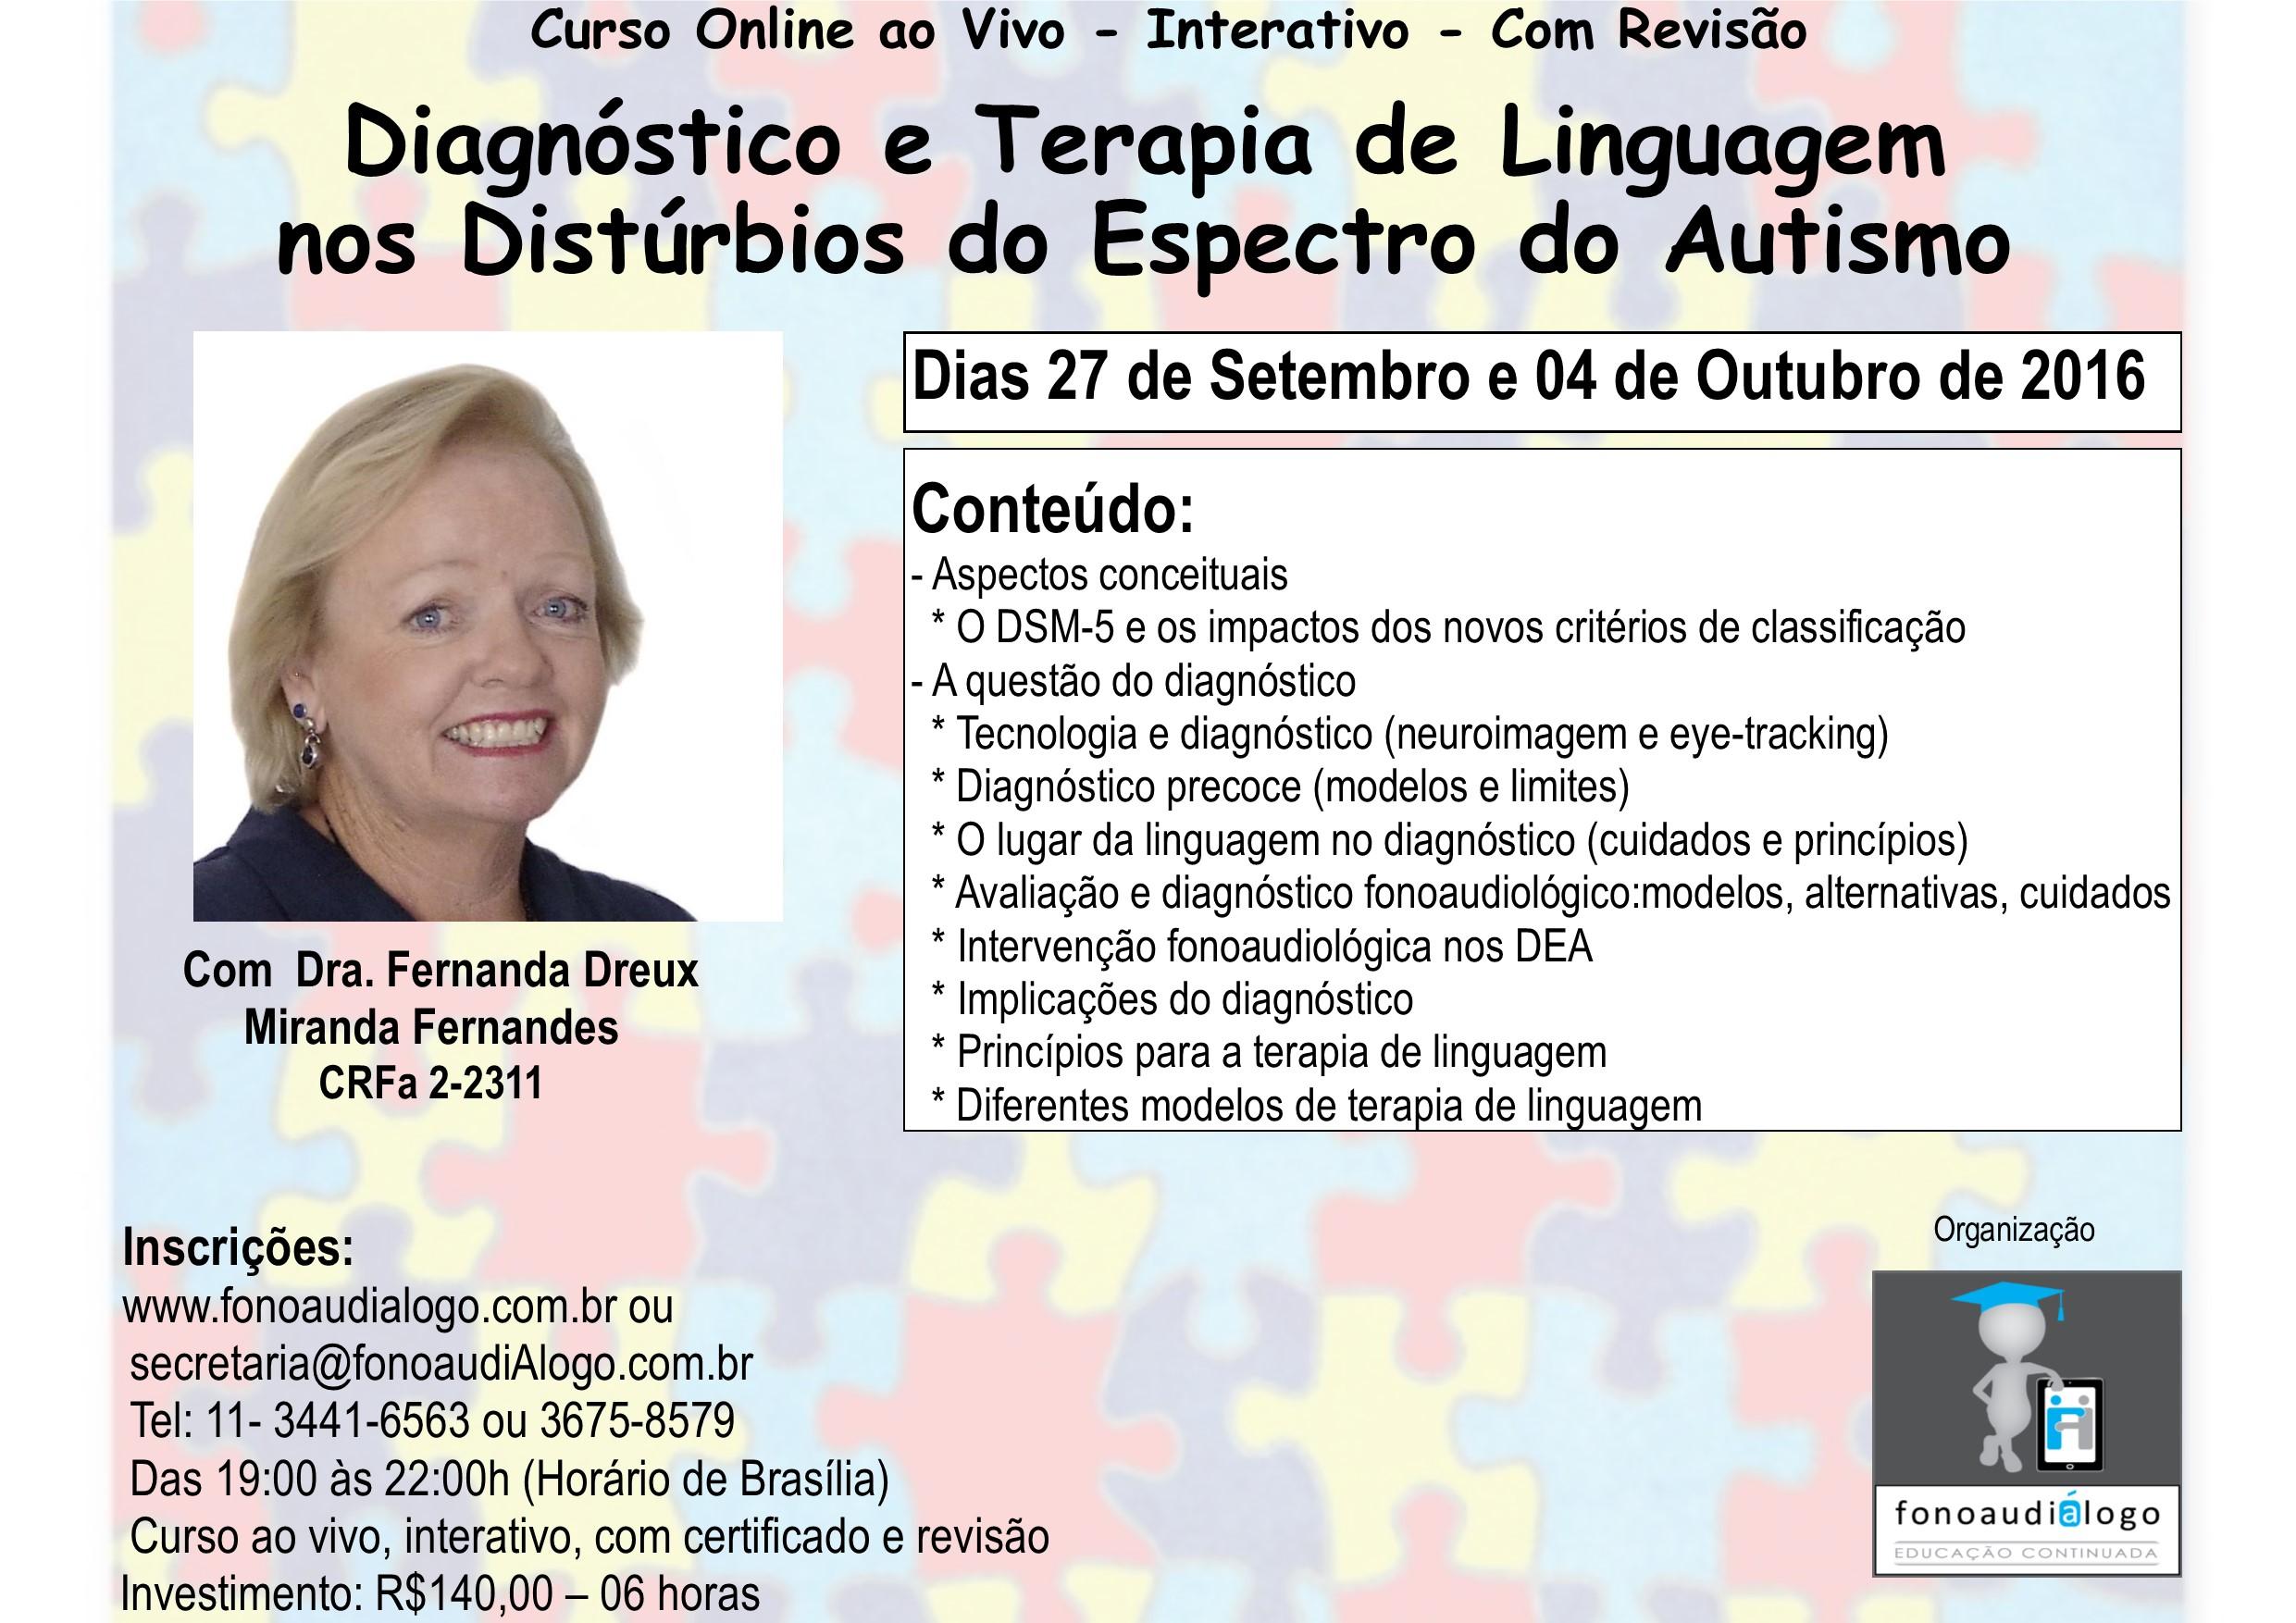 Curso online com a Dra. Fernanda Dreux